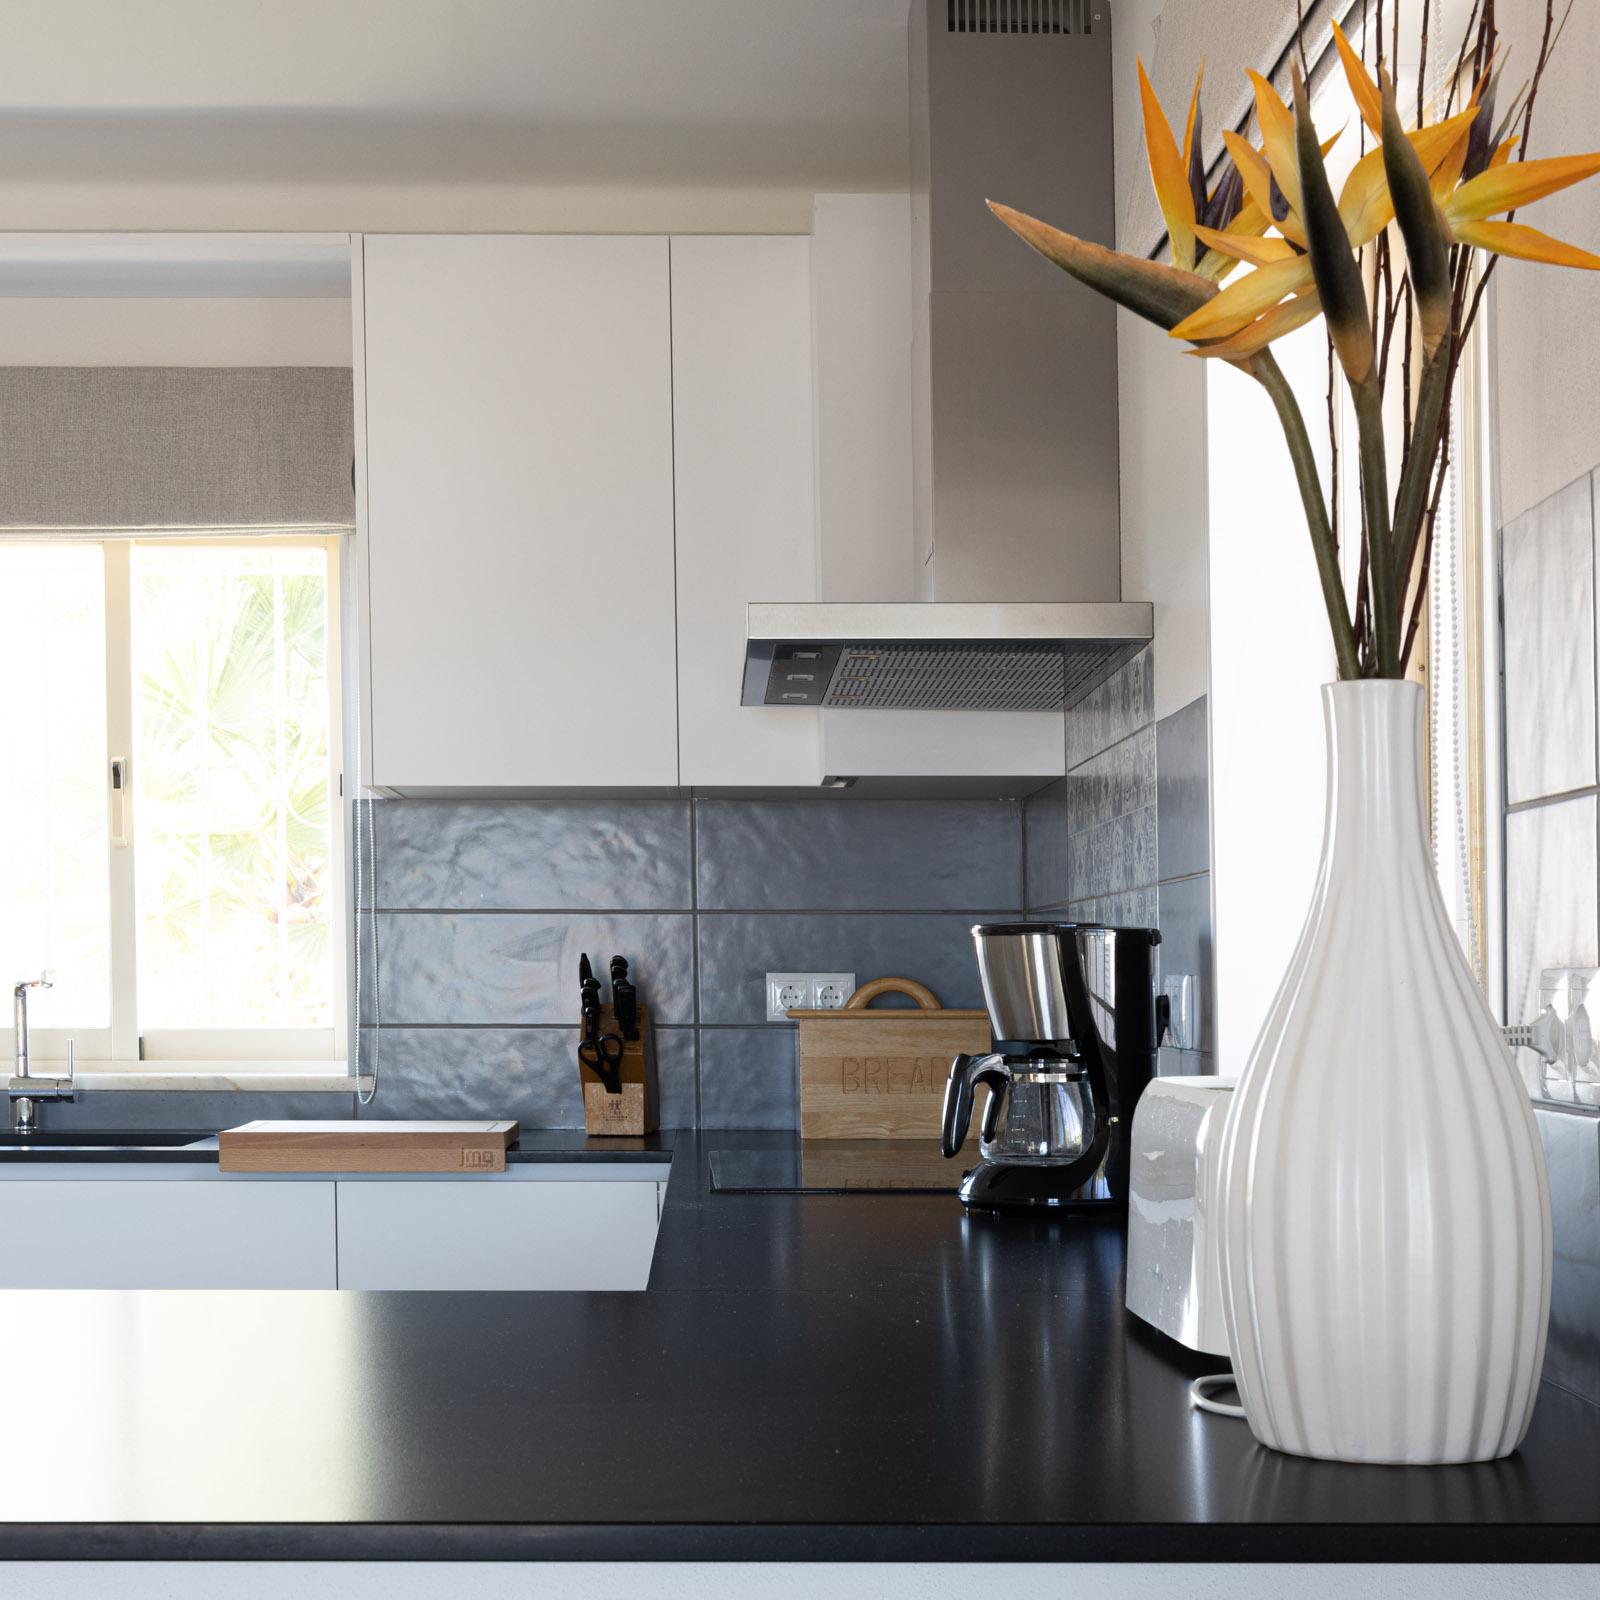 Cozinha JMQ em Supermatt branco com bancada em Silestone Negro Tebas suede, placa de indução e exaustor Bosch